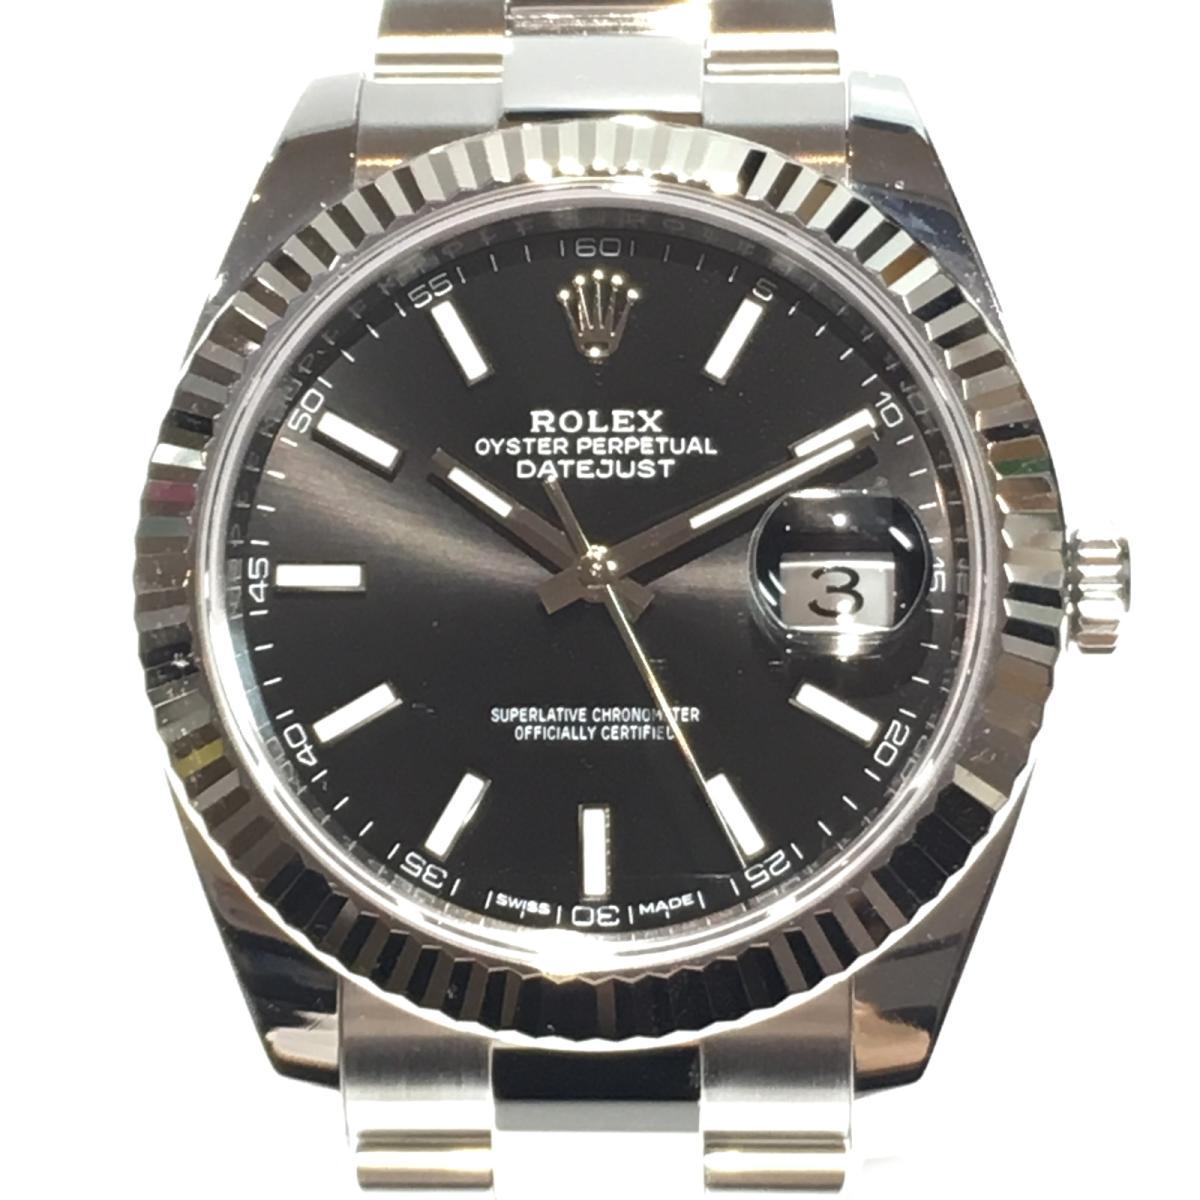 デイトジャスト41 腕時計/メンズ